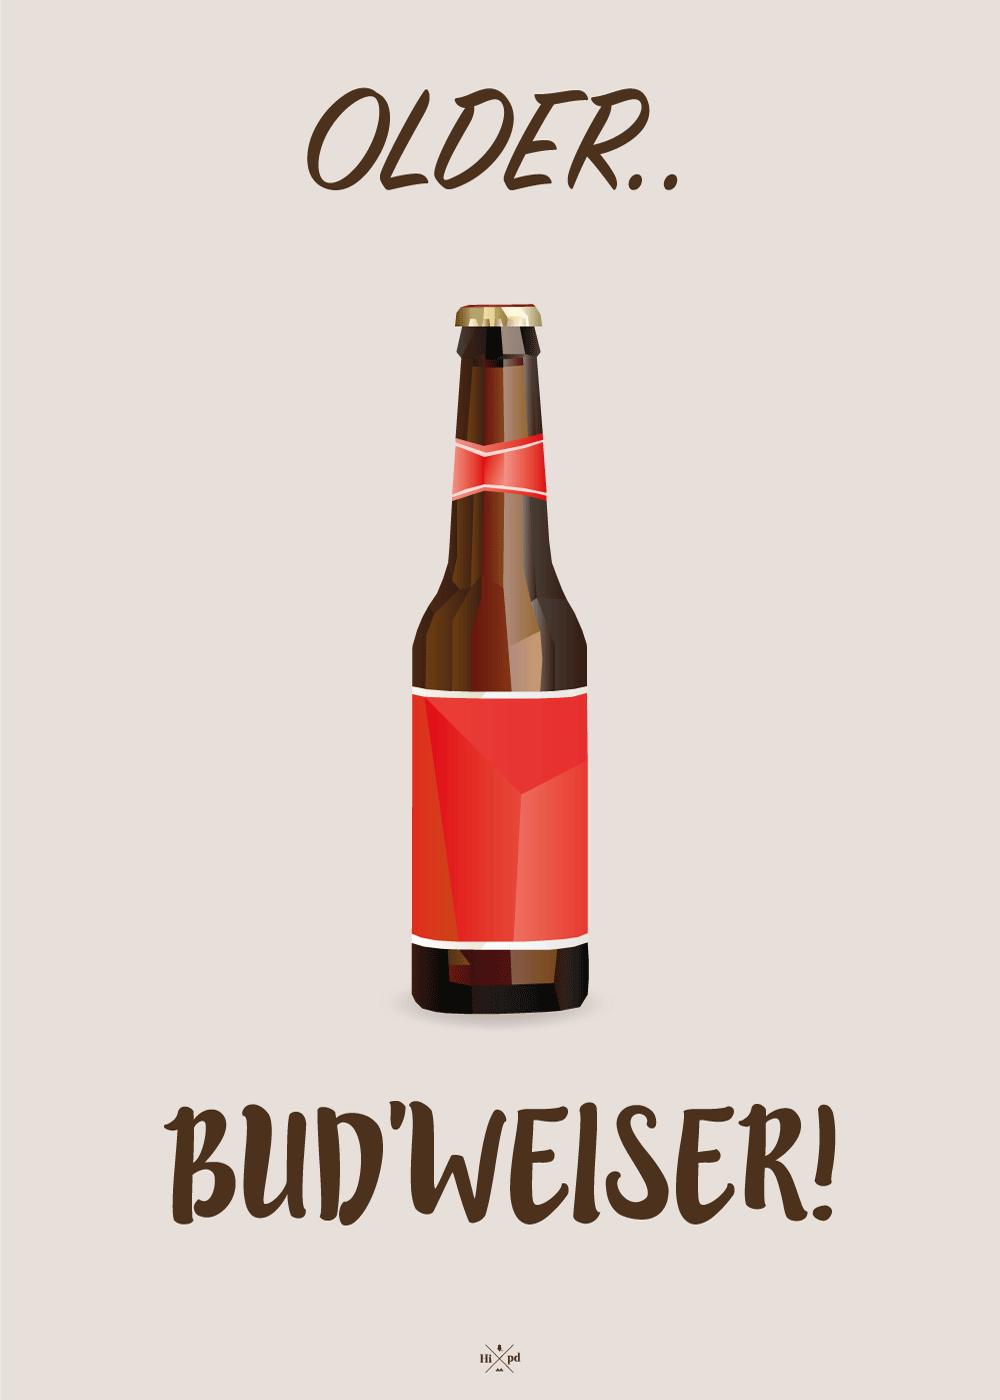 Bud'weiser